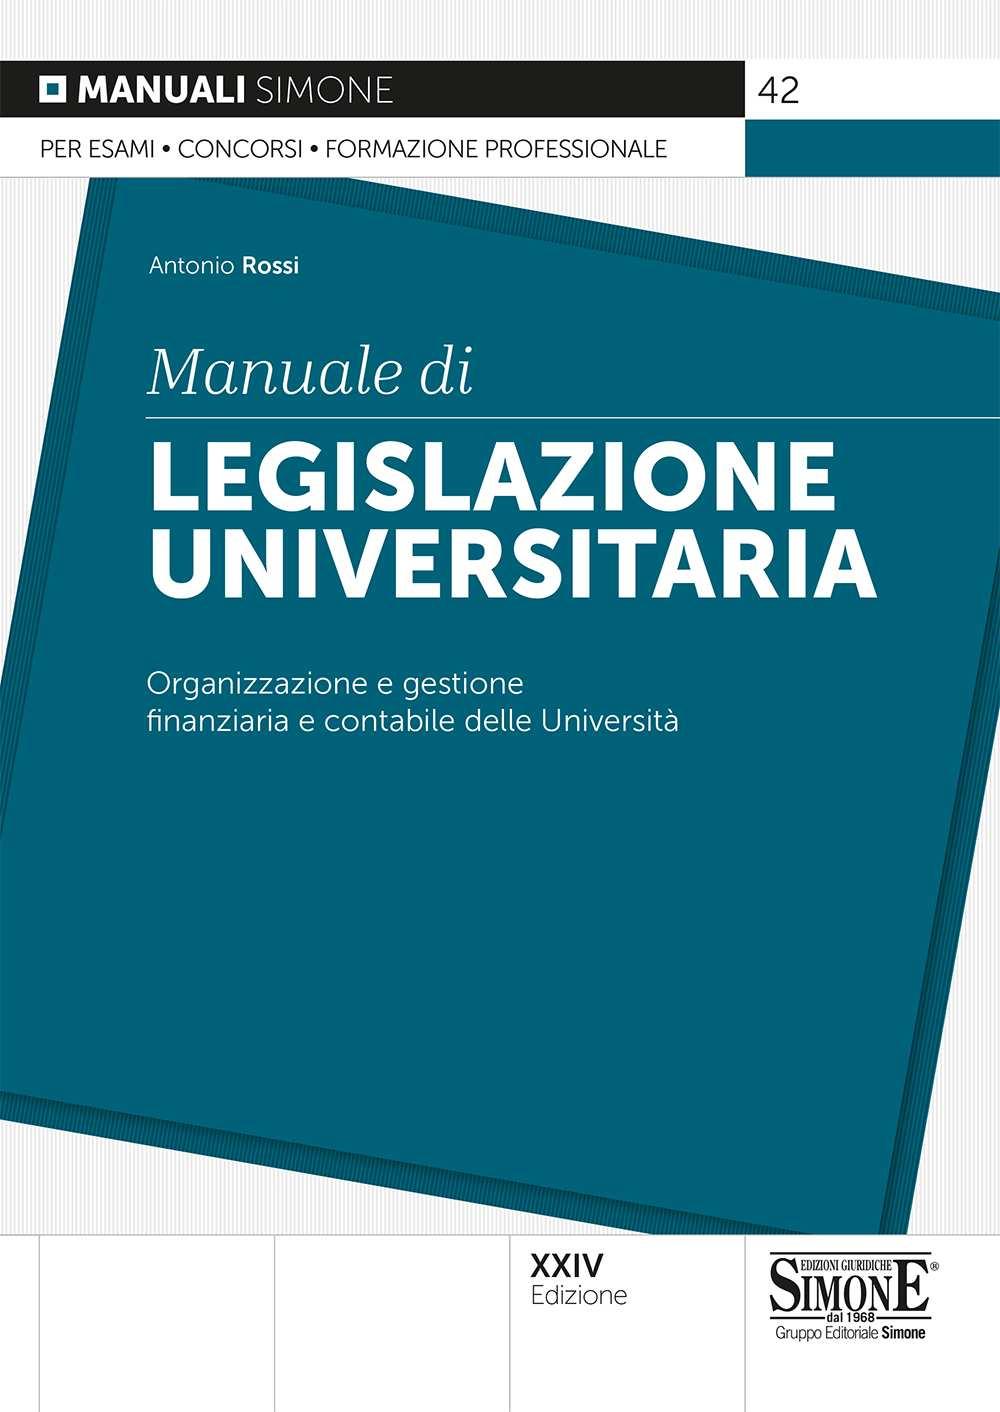 Manuale di Legislazione Universitaria